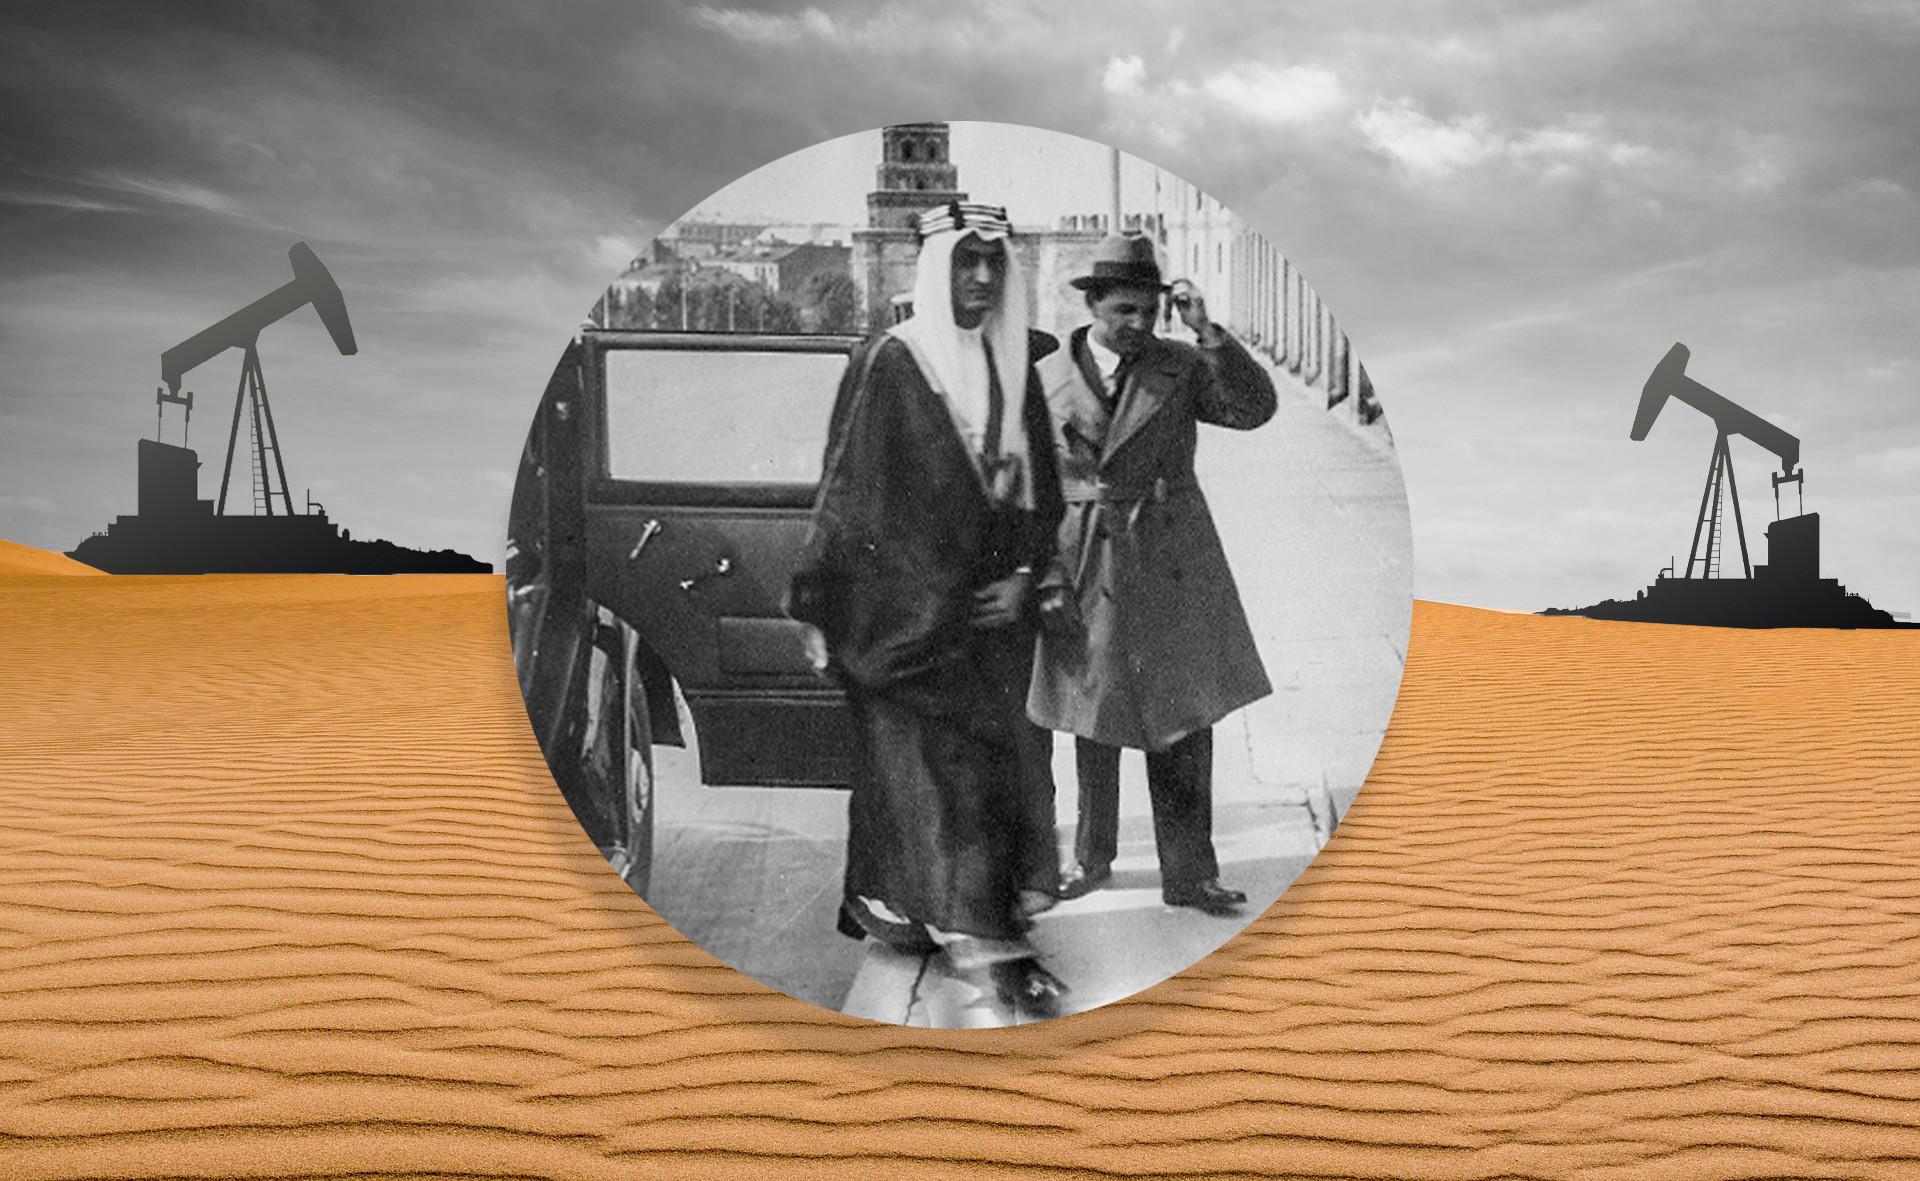 Карим Хакимов во друштво на идниот крал на Саудиска Арабија Фејзал ибн Абдулазиз